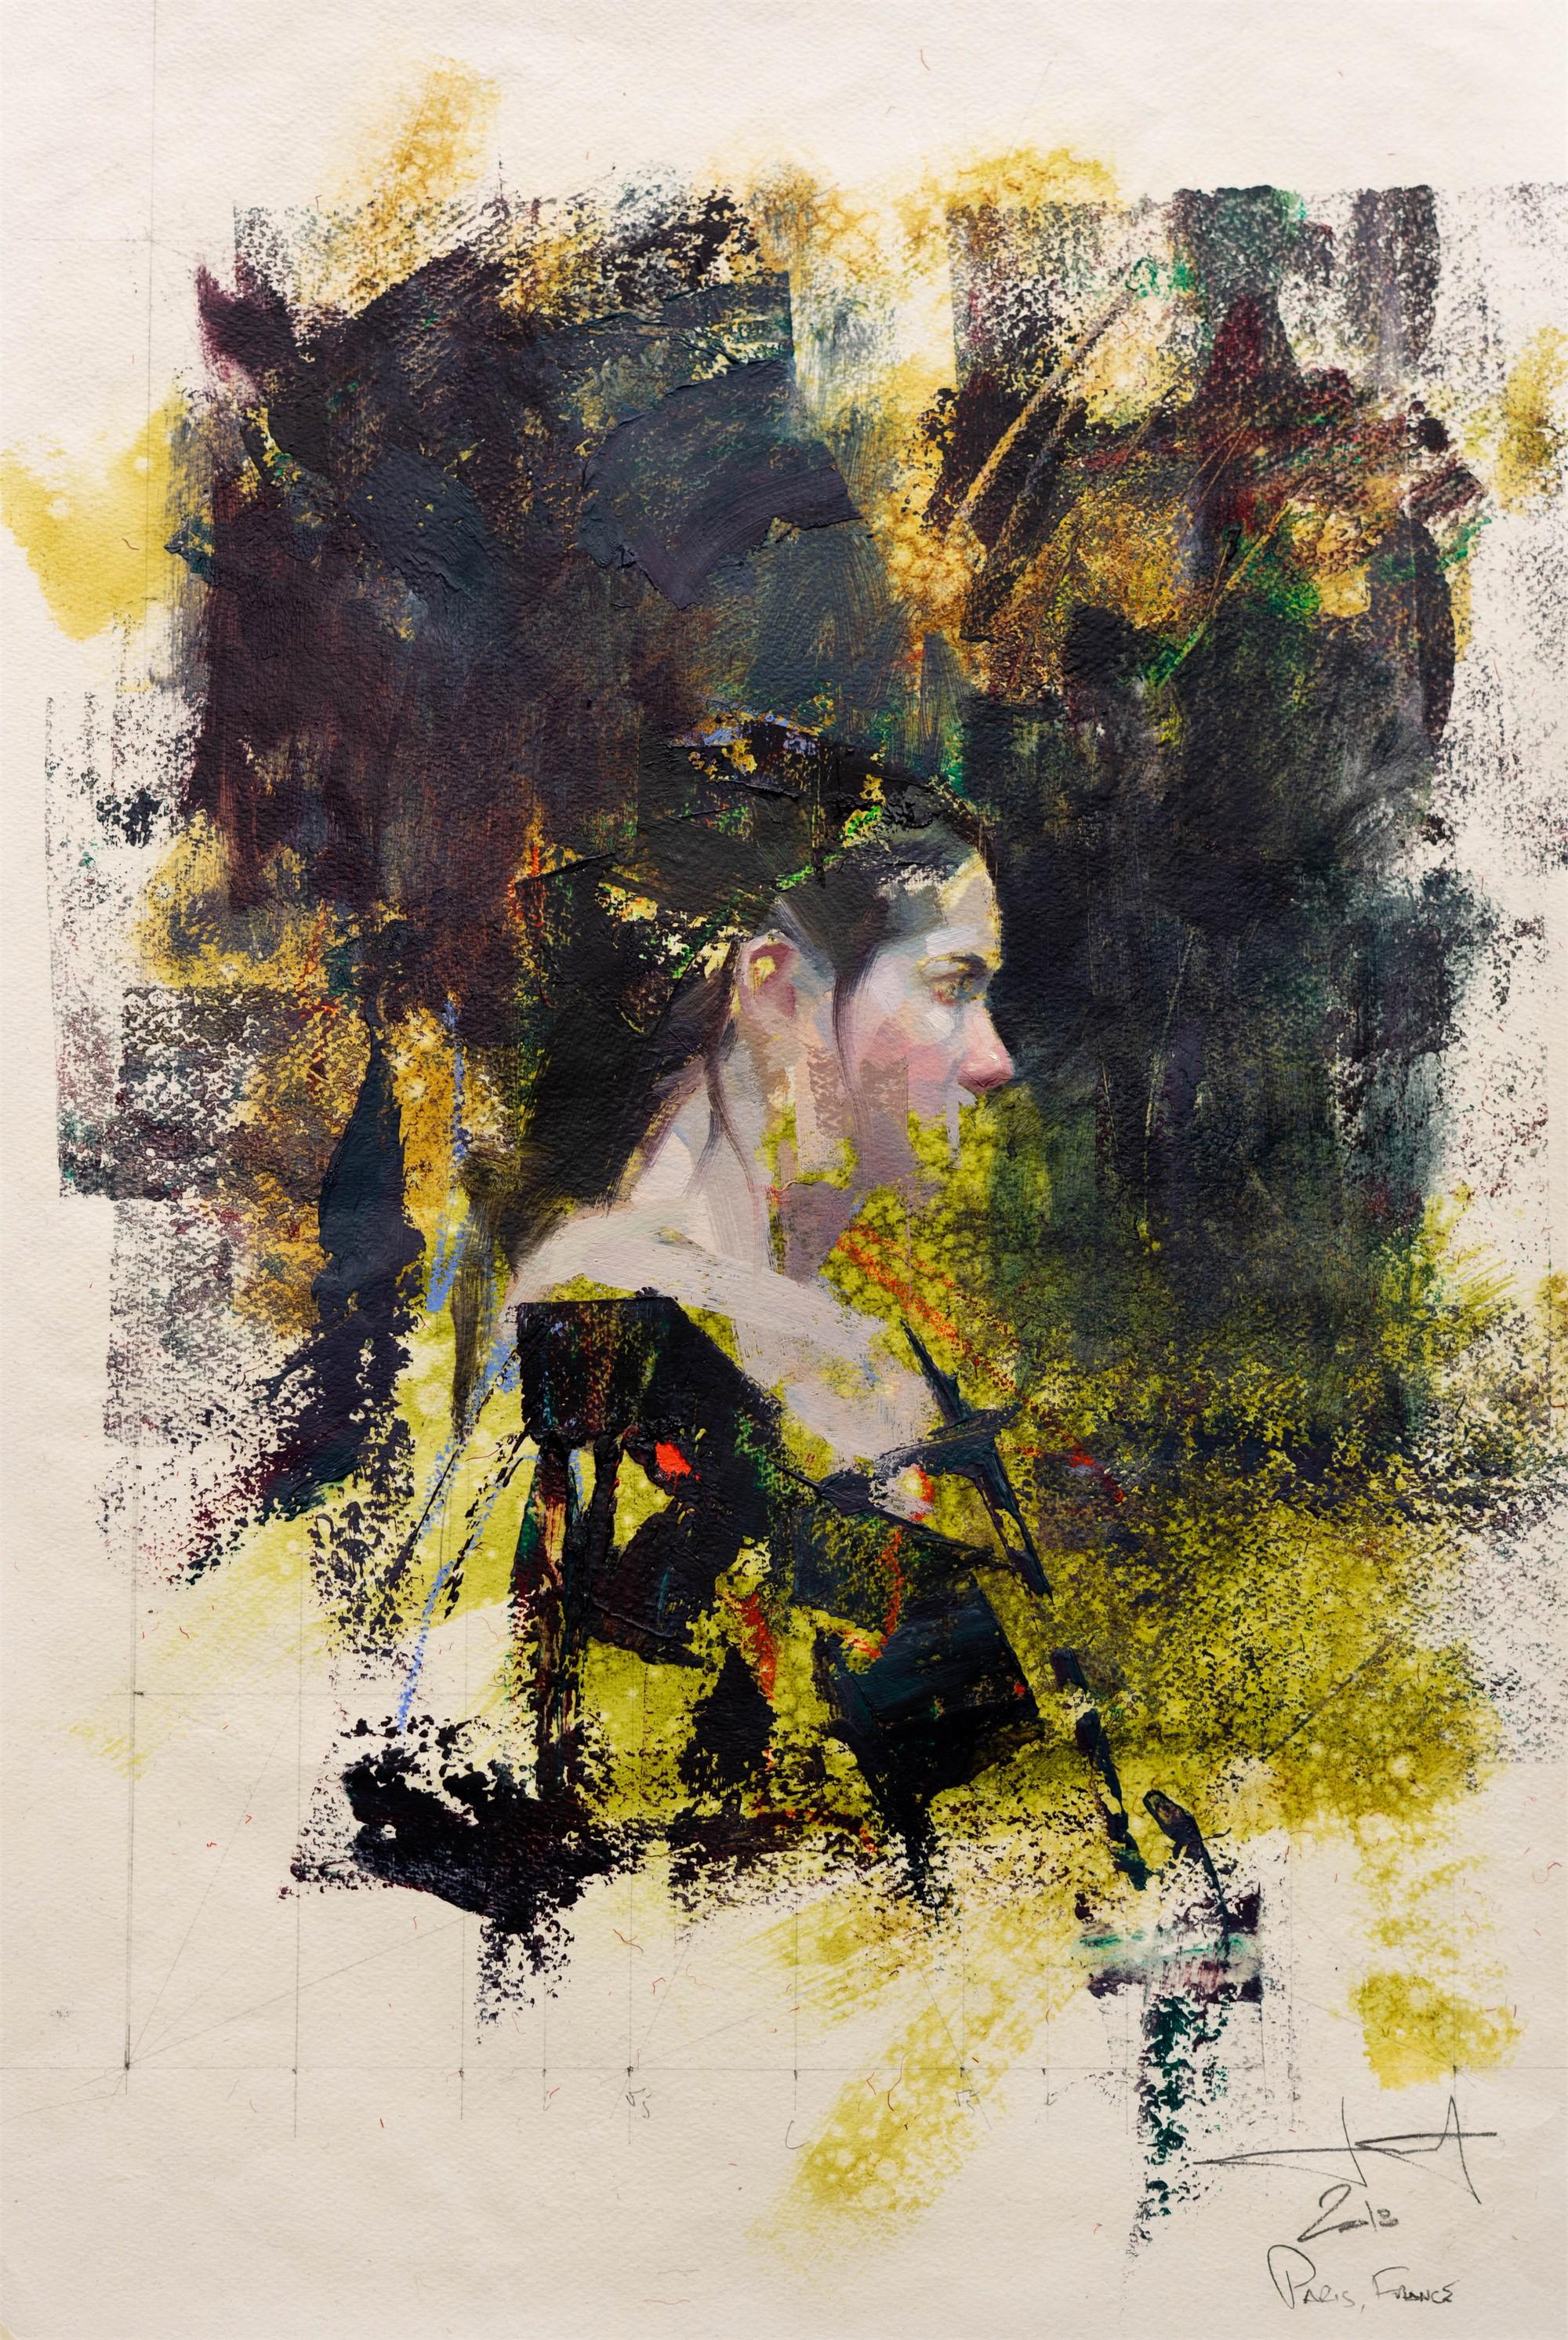 Visage by John Wentz